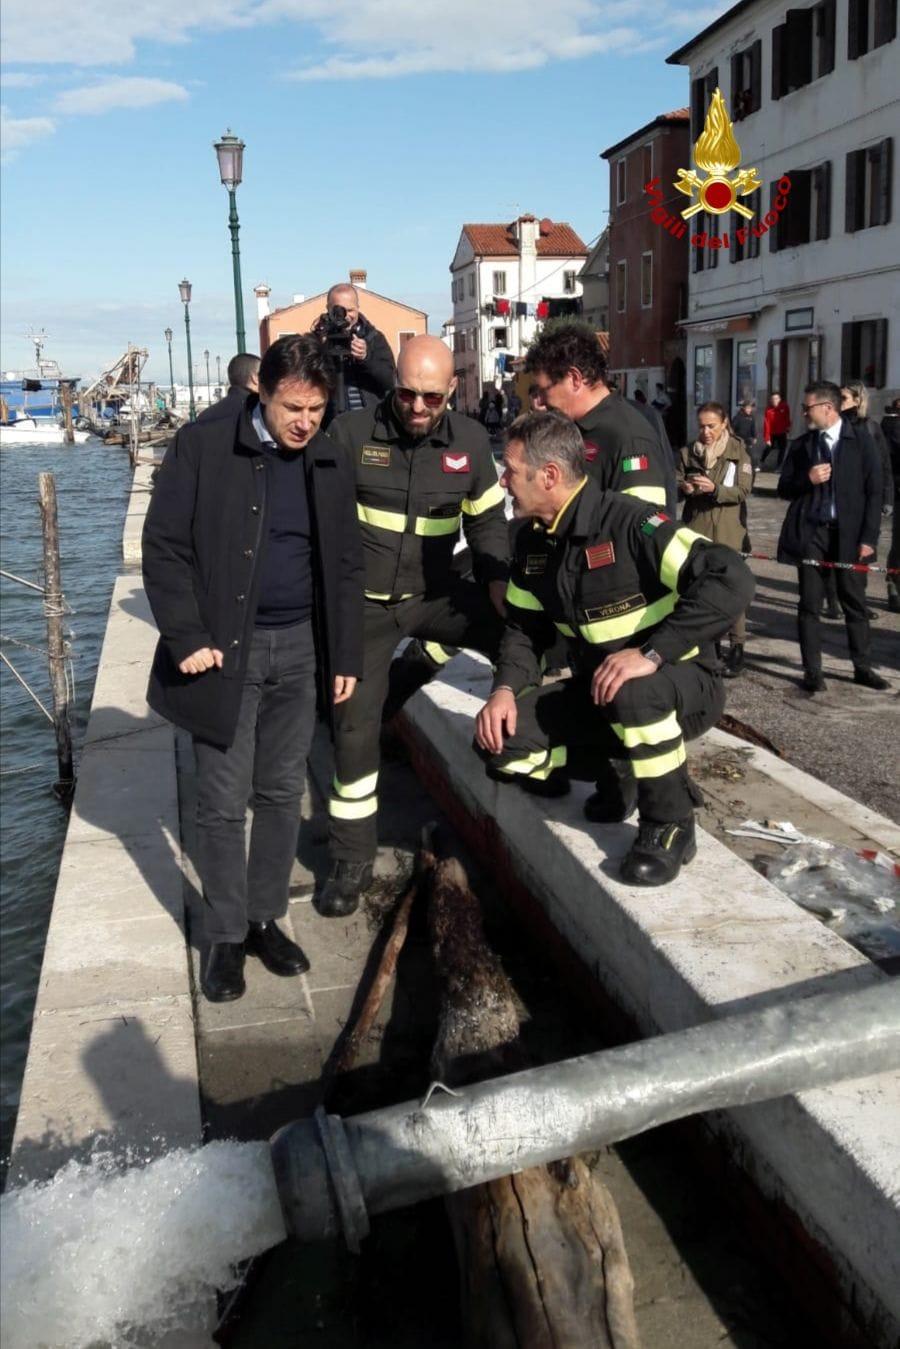 vigili del fuoco verona acqua alta venezia presidente conte-2